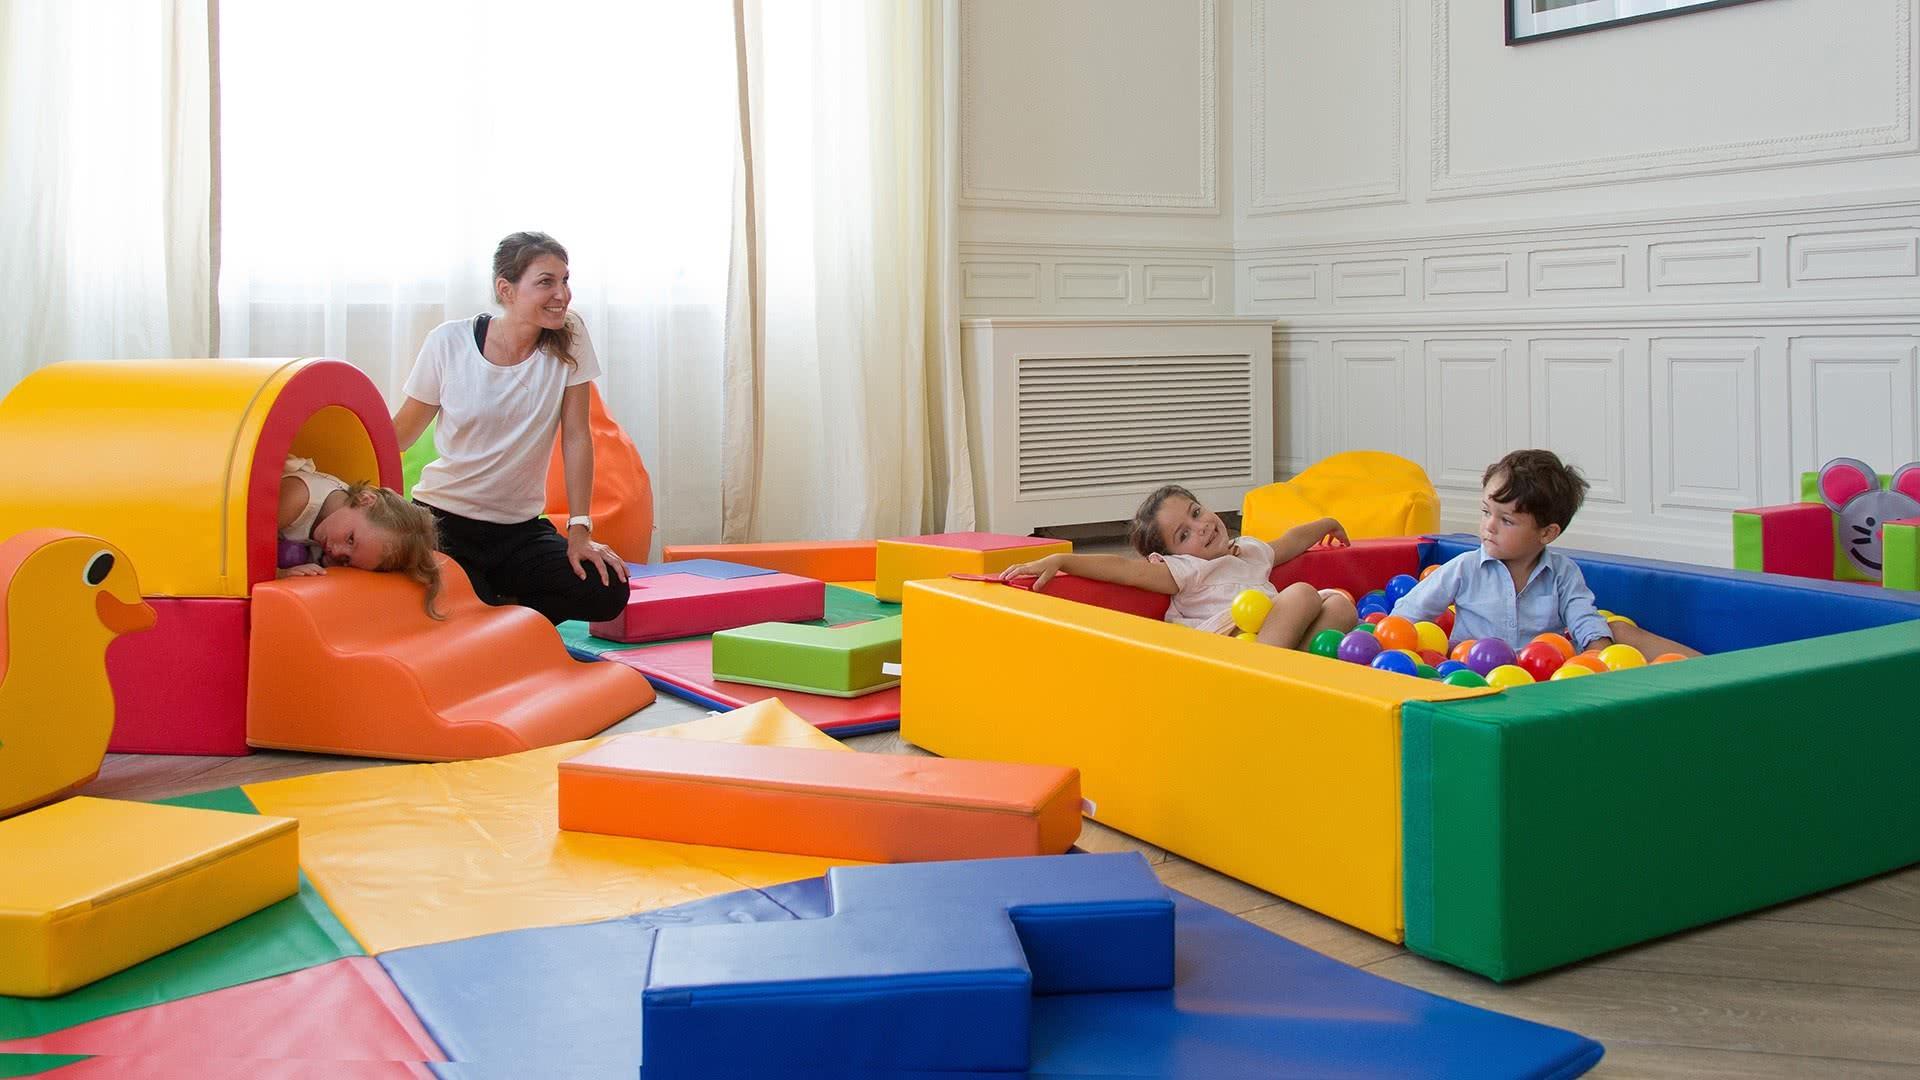 mobilier pour espace enfant